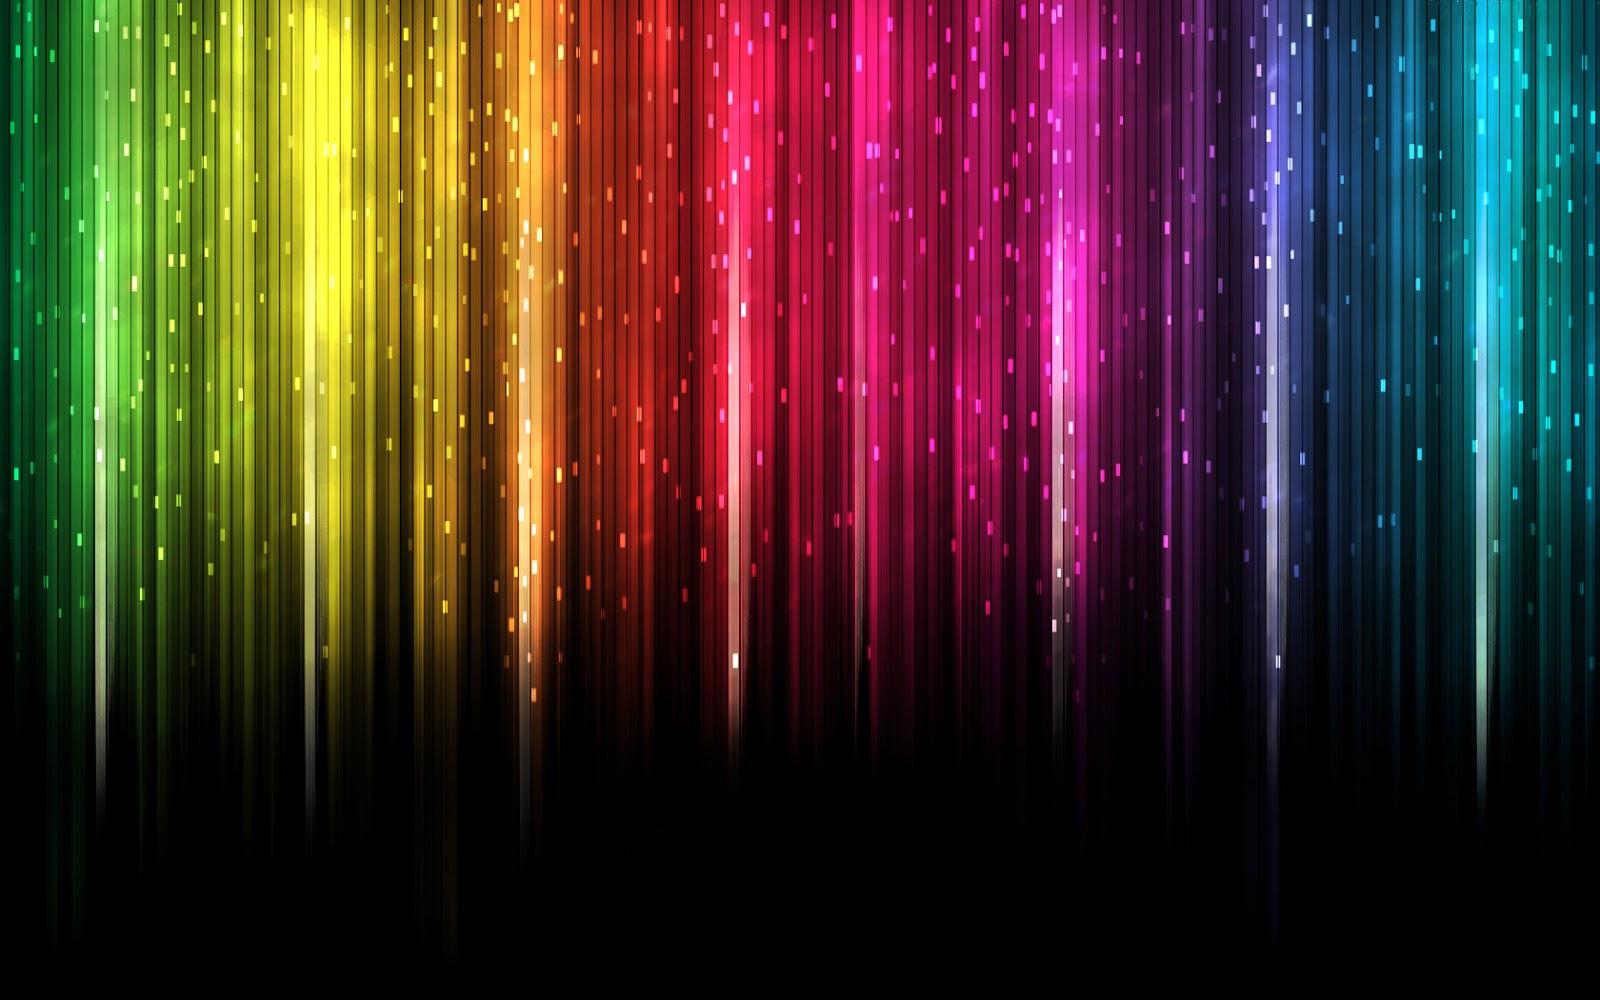 Ricci психология цвета значение цвета